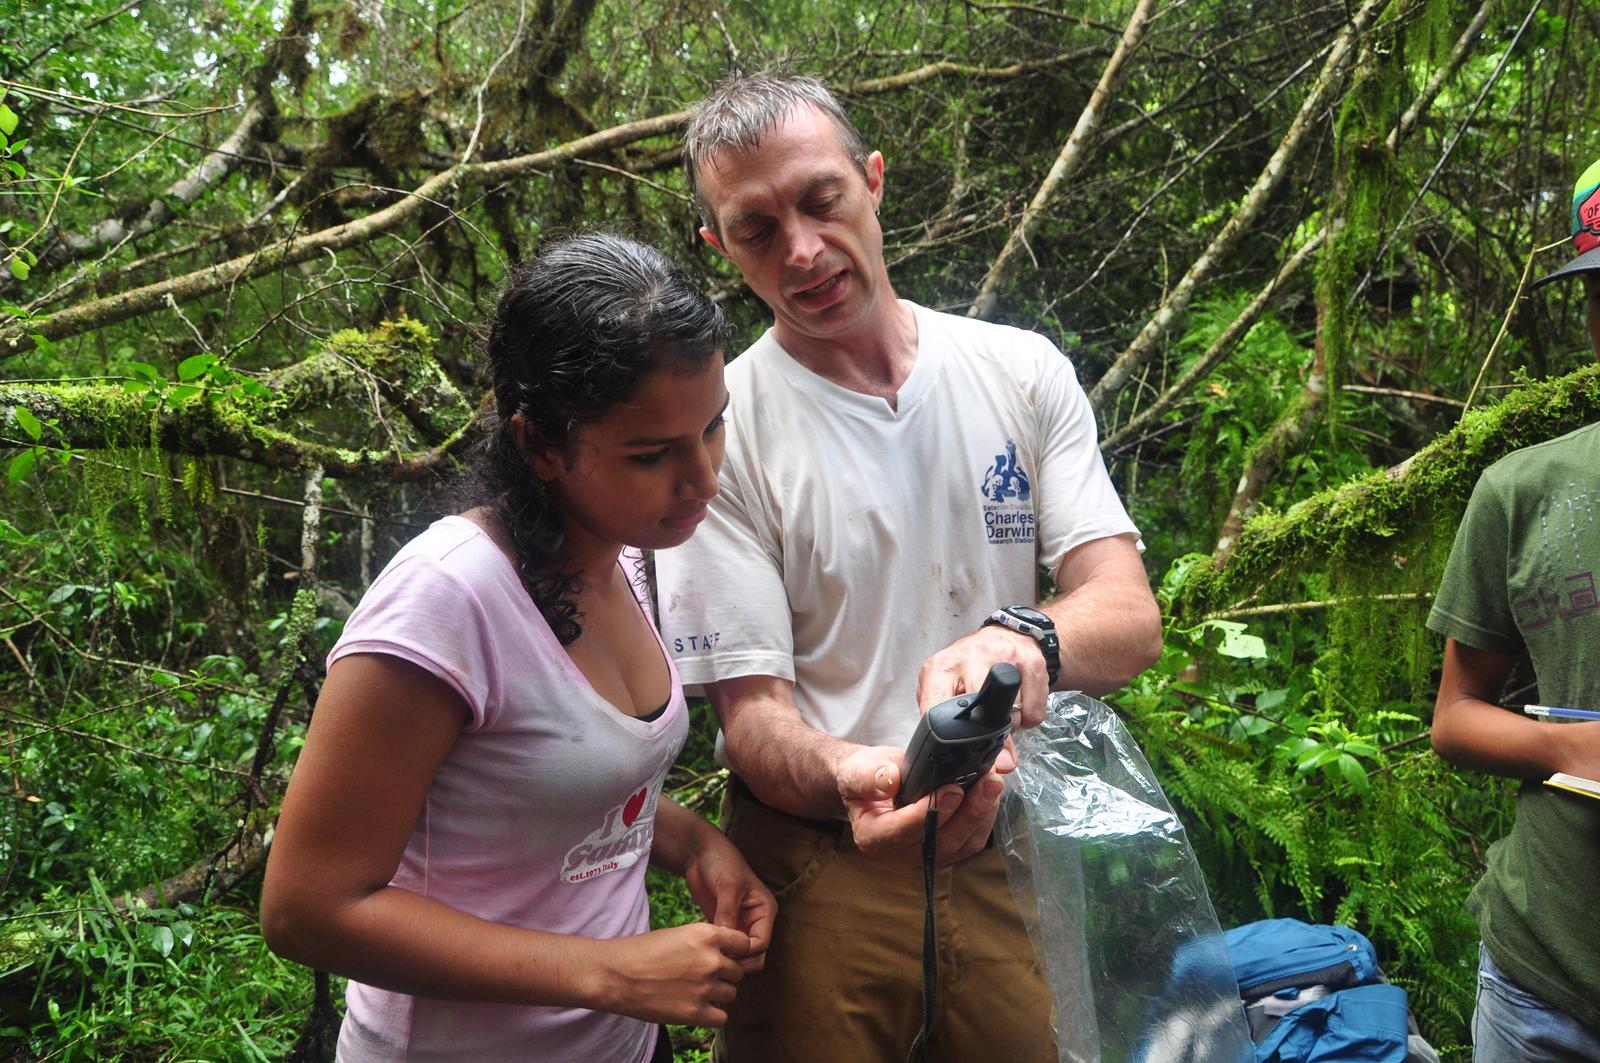 Figura 4 . El Dr. Steve Blake enseña a una estudiante cómo registrar la posición geográfica donde fue encontrada la muestra de excremento a analizar. Foto: archivo EPI